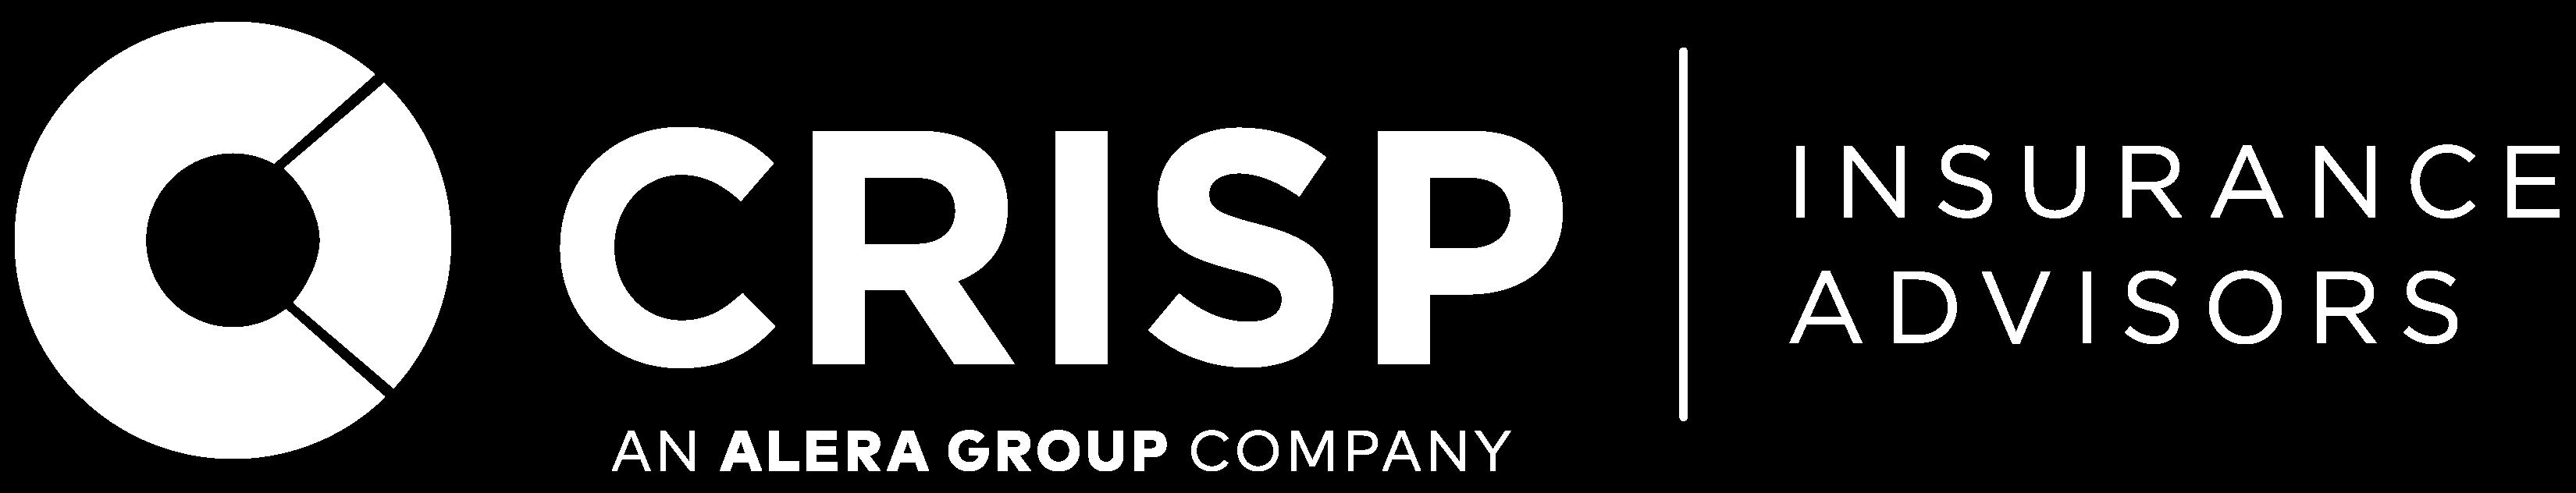 CRISP Insurance Advisors